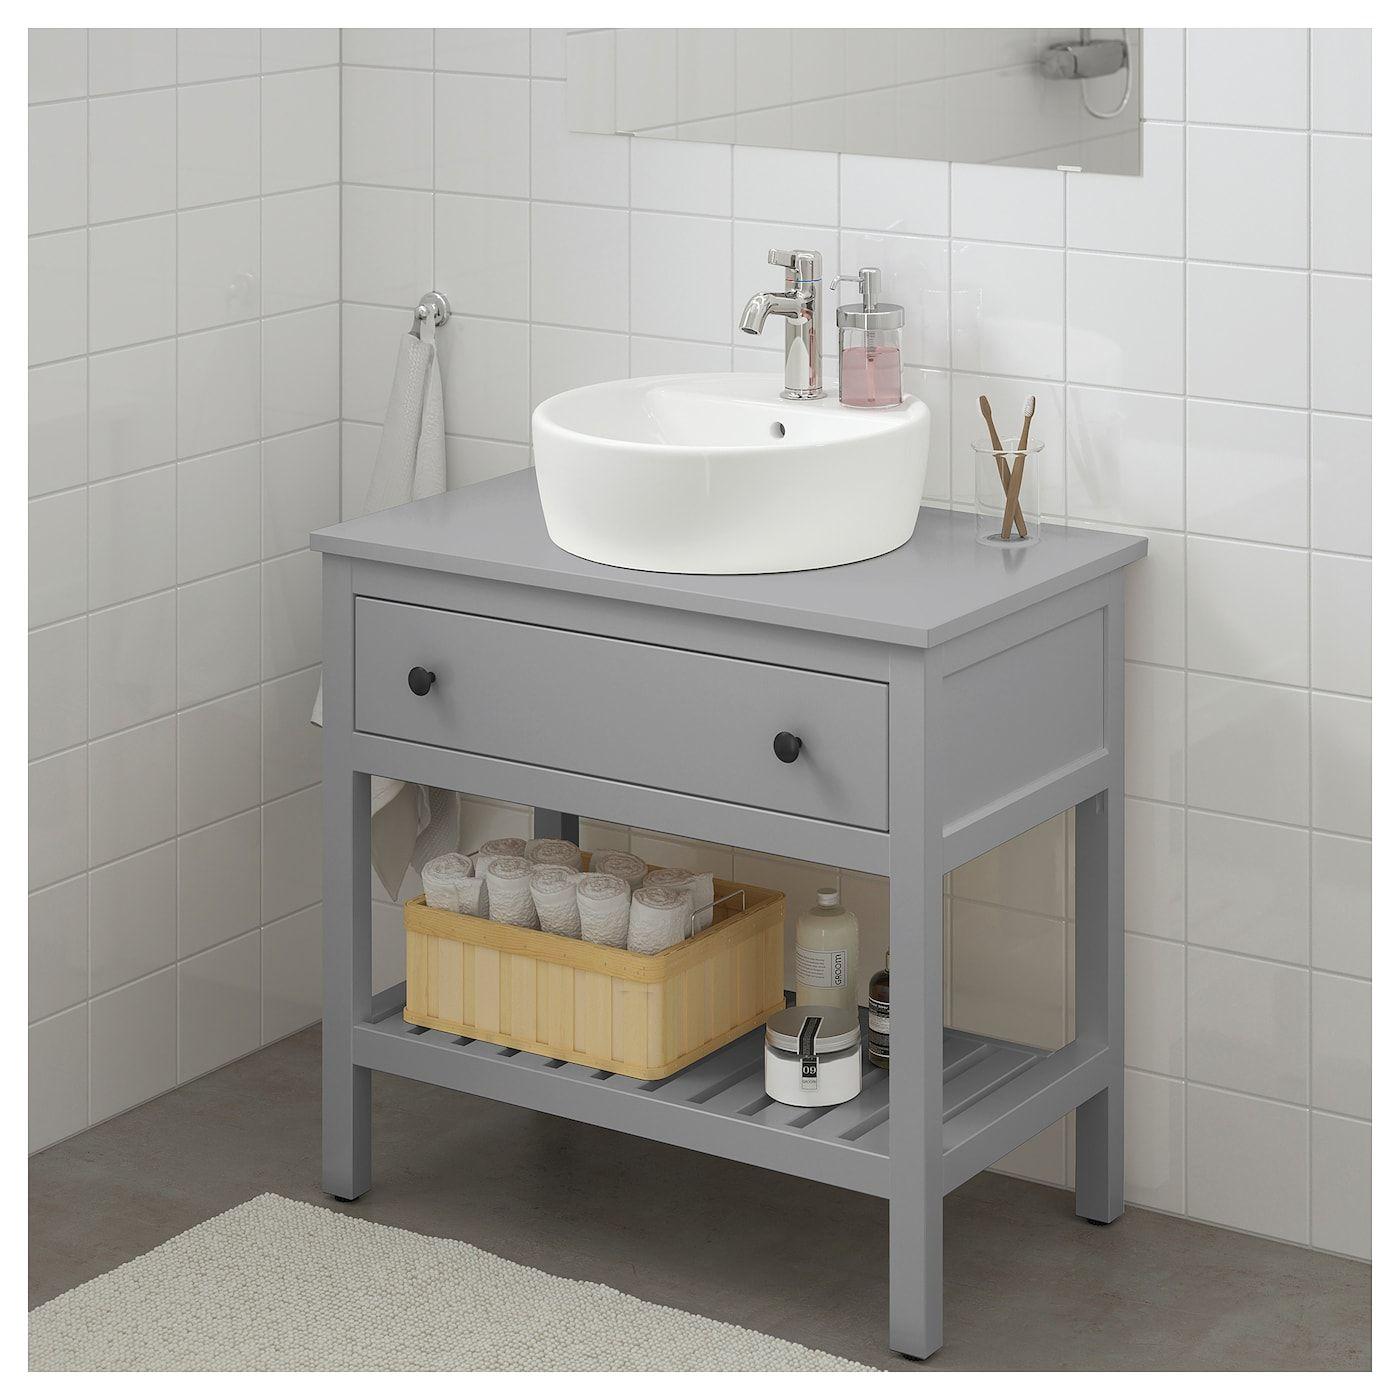 Hemnes Tornviken Waschbeckenschrank Off Waschb 45 Grau Ikea Deutschland Waschbeckenschrank Hemnes Badezimmer Mobel